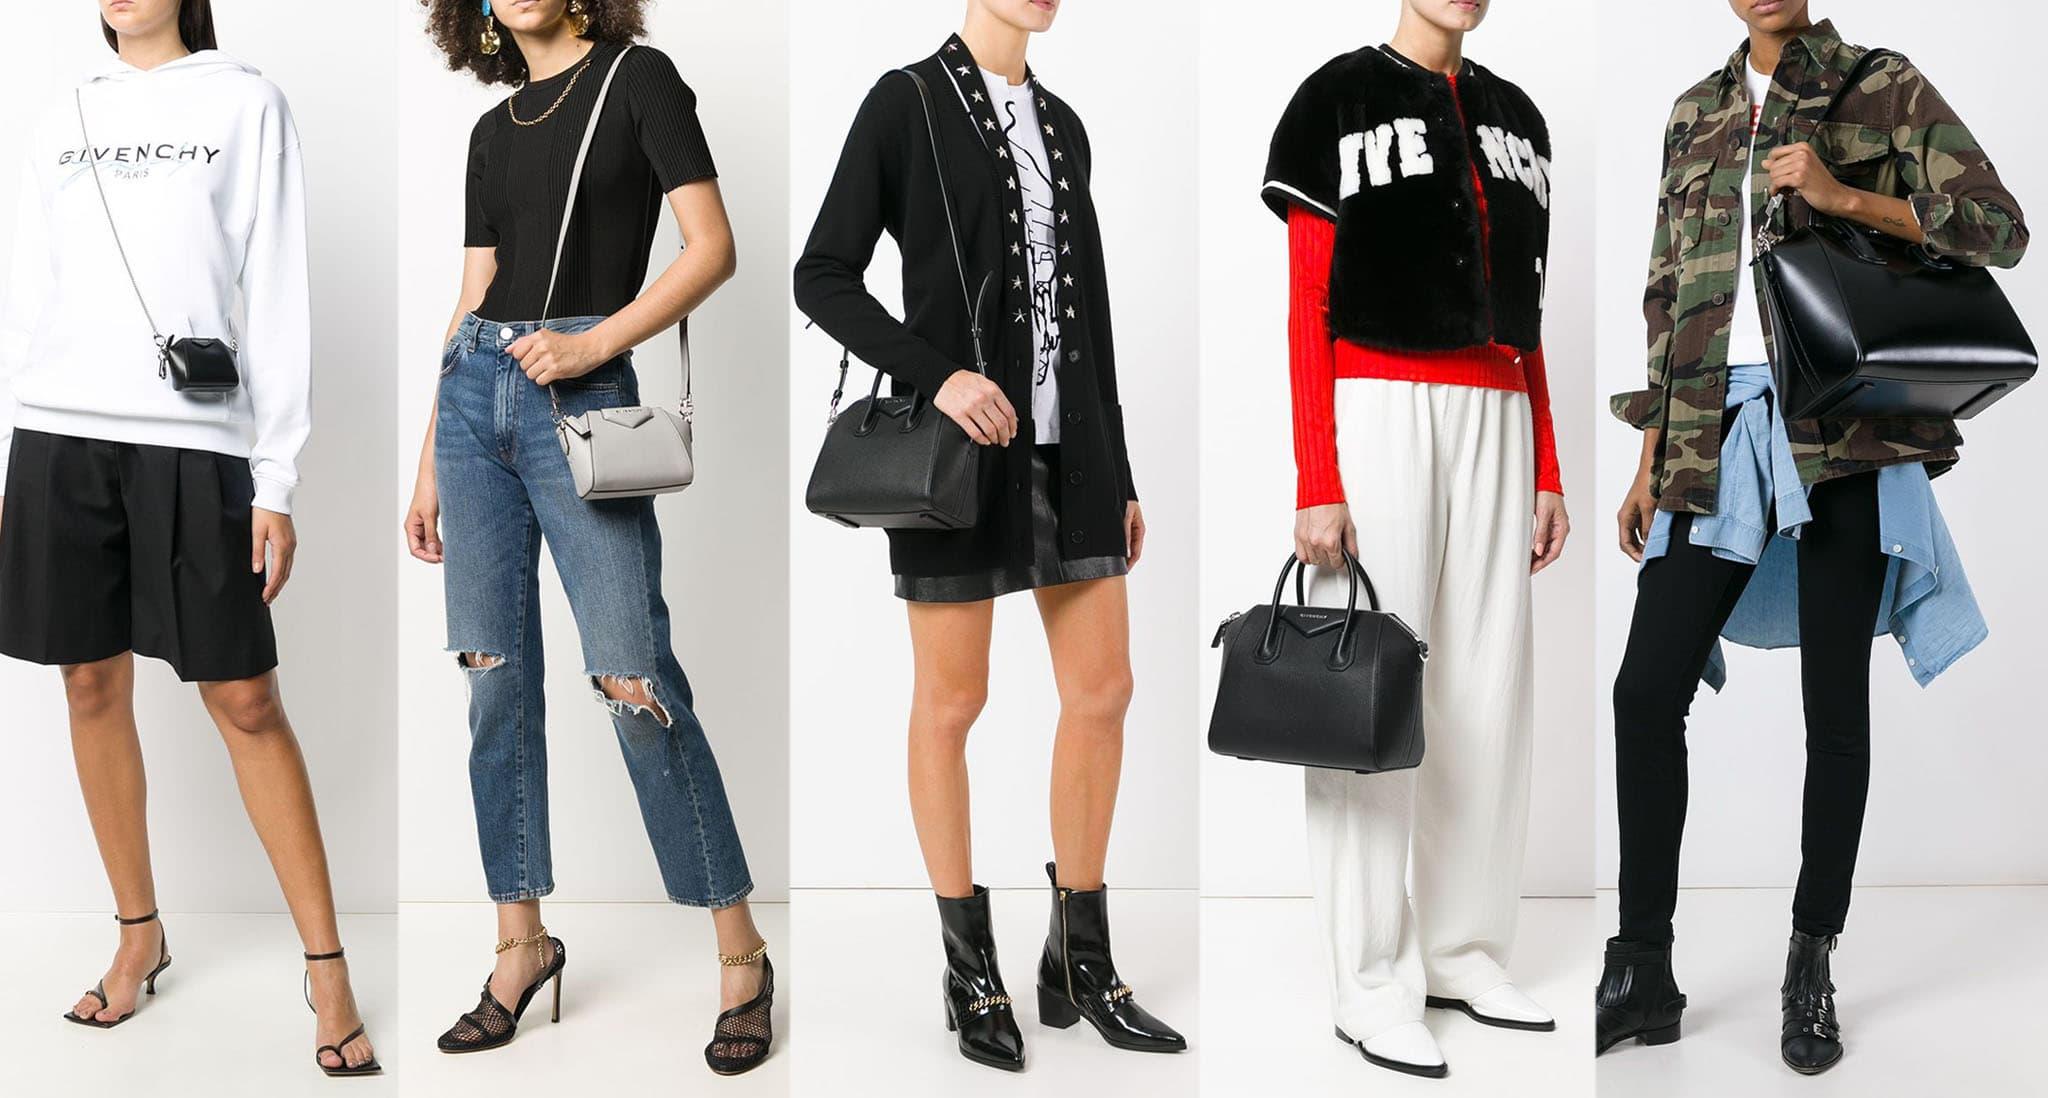 Givenchy Antigona bag sizes (left to right) Baby, Nano, Mini, Small, and Medium